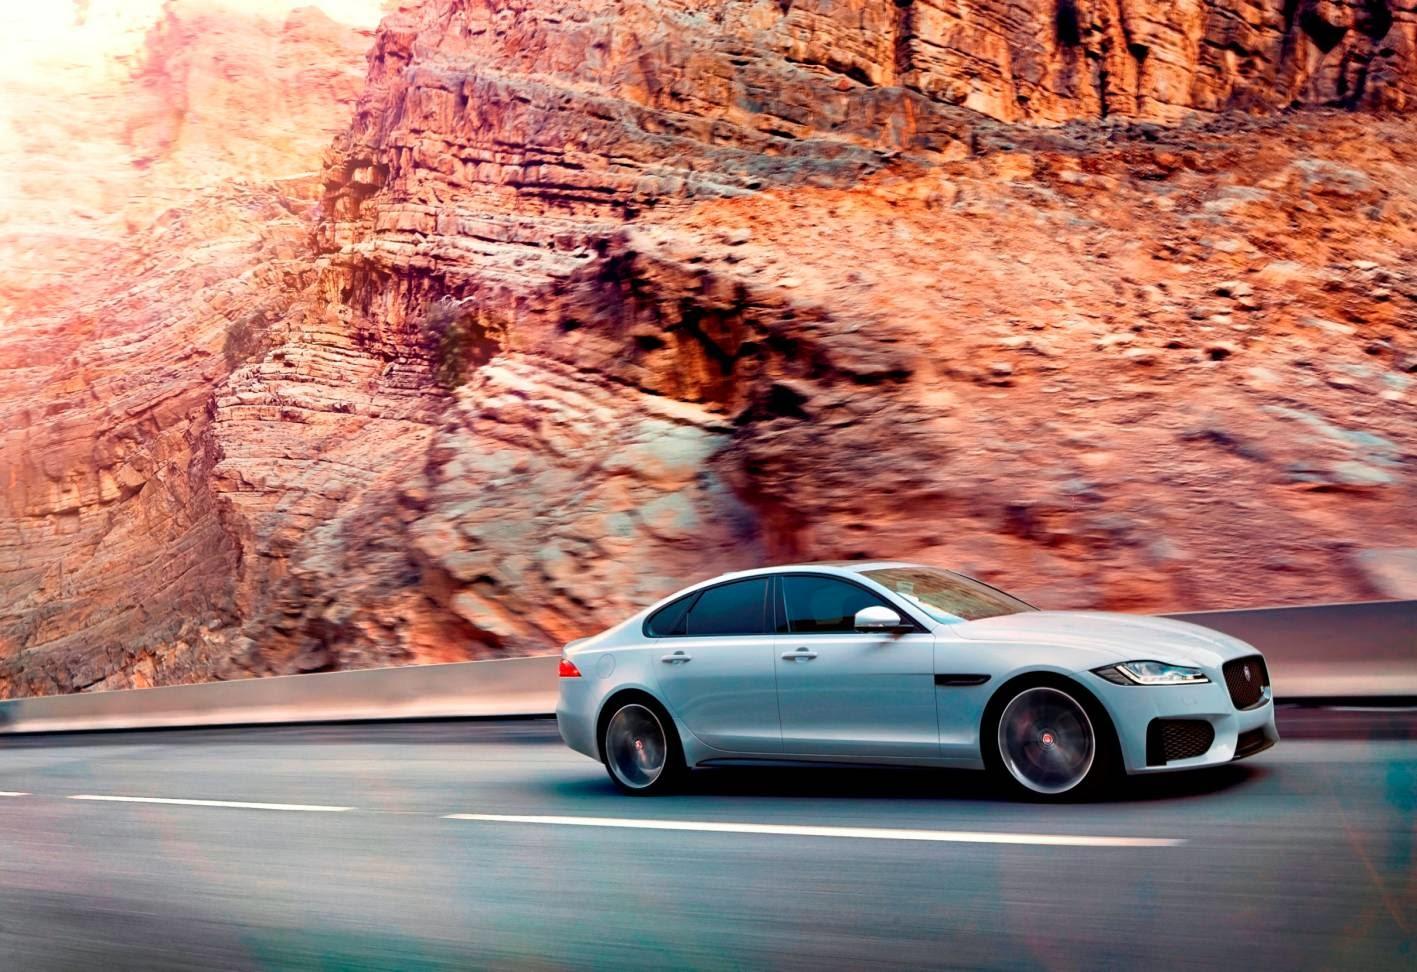 New Jaguar XF moving